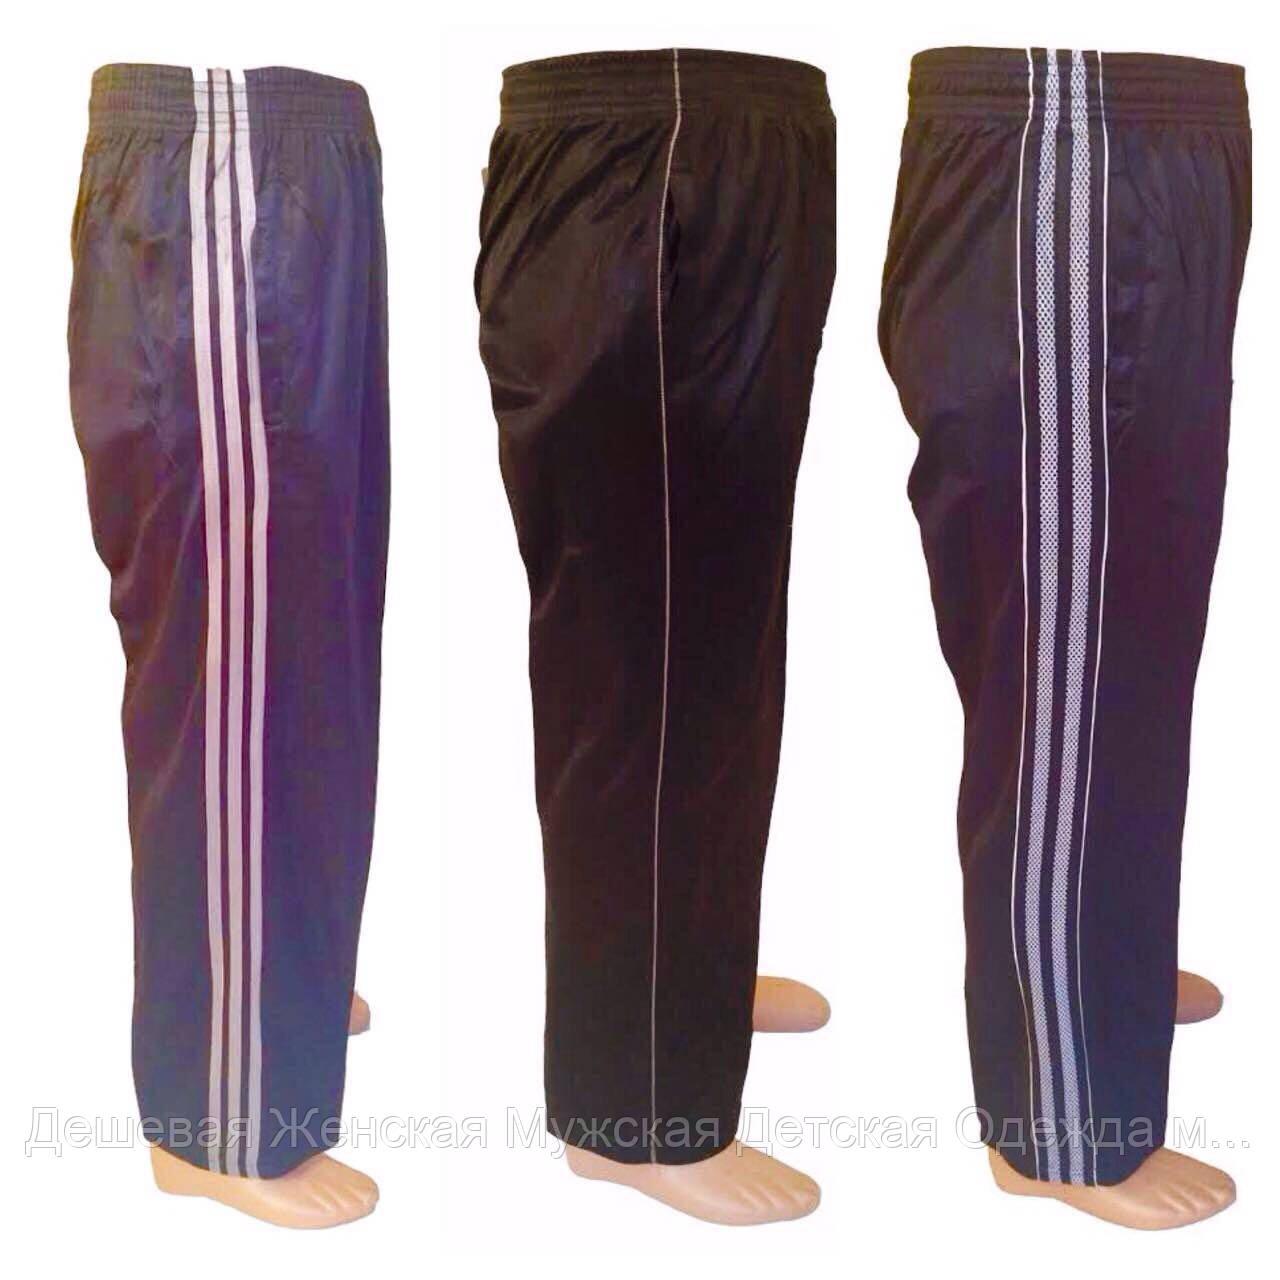 Дешевые спортивные штаны